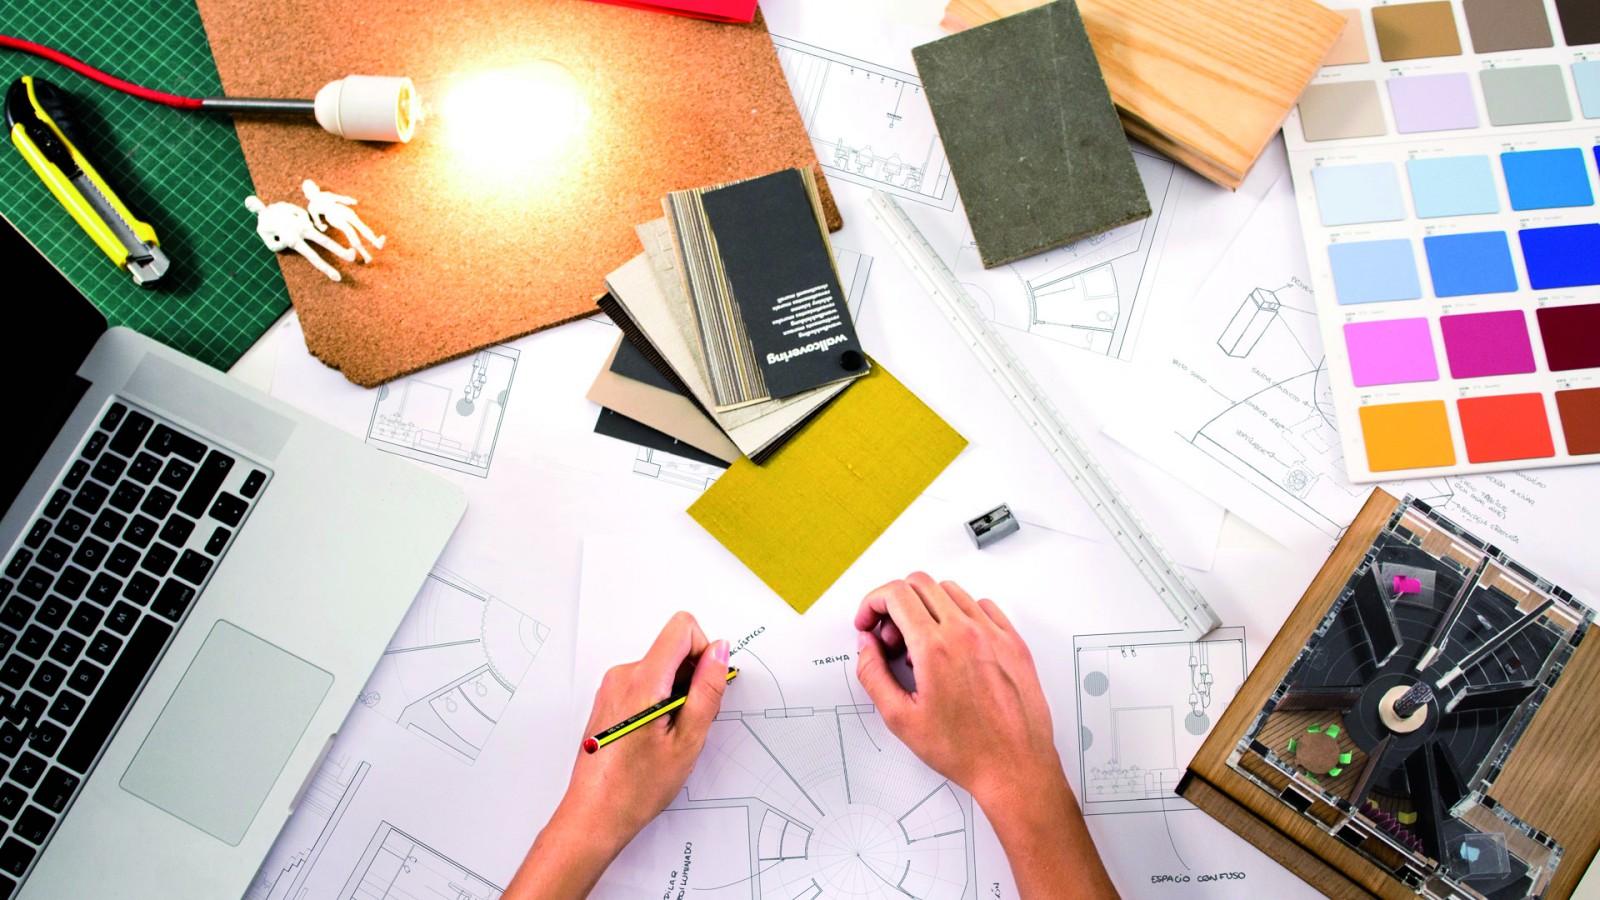 Primer concurso de Diseño del Fondo Nacional de las Artes